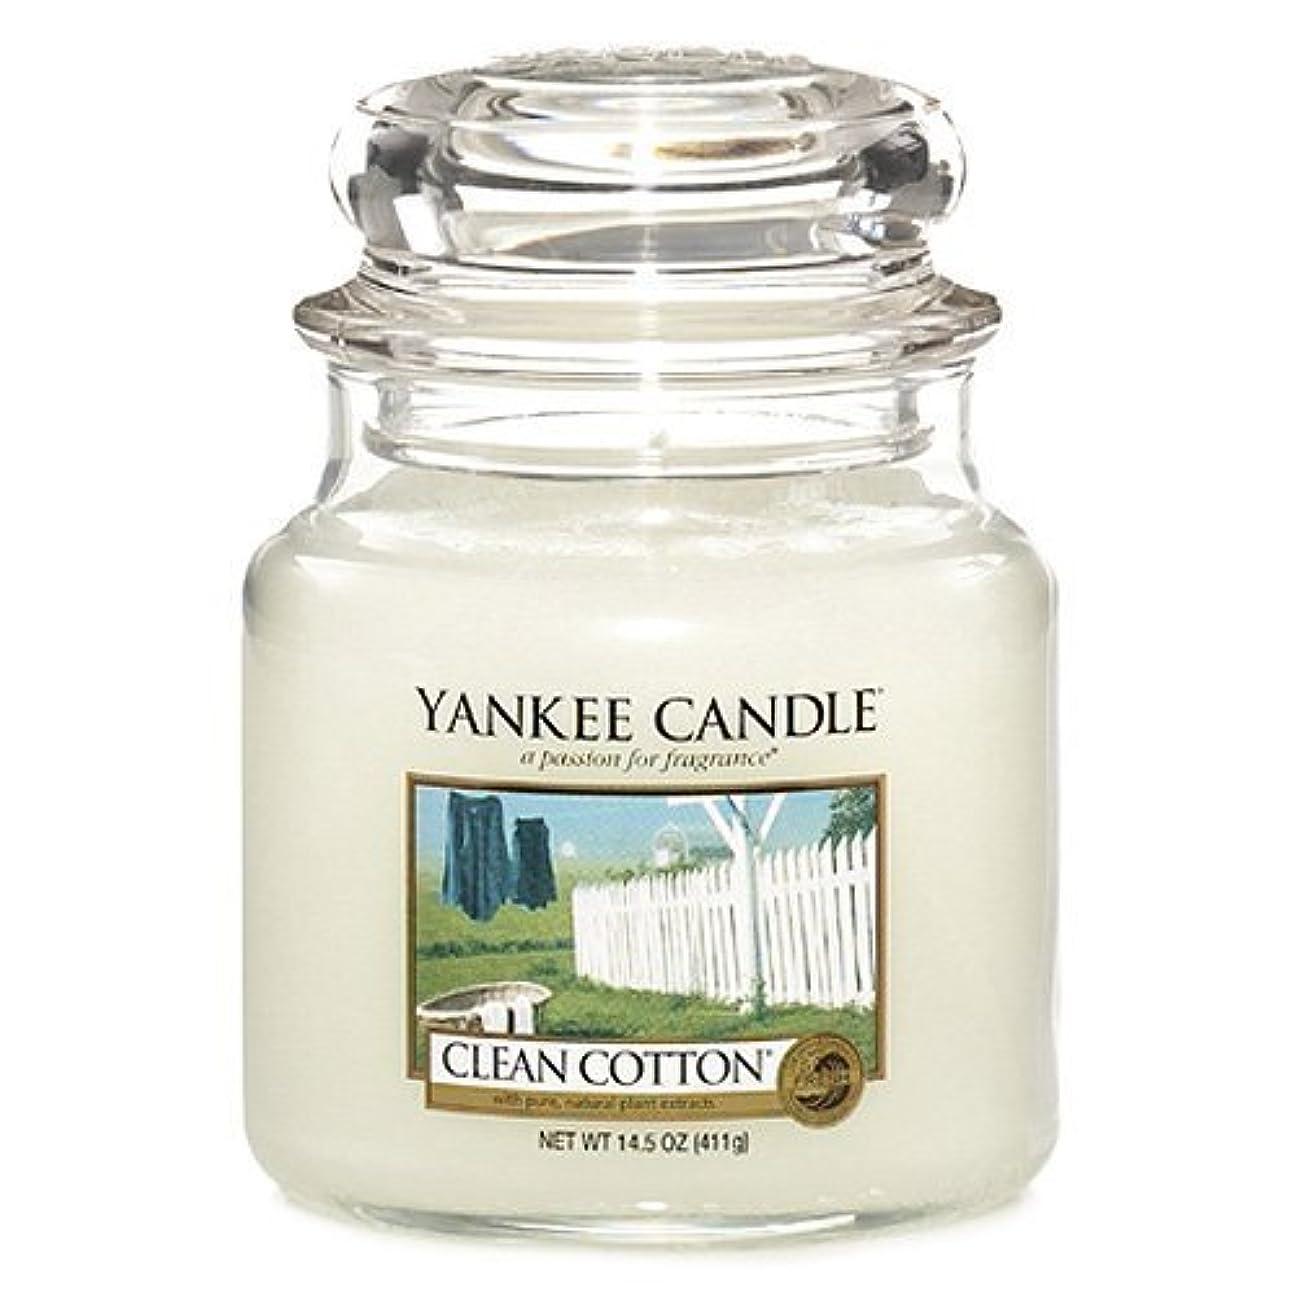 シーフードを除く締め切りYankee Candle- Medium Clean Cotton Jar Candle 1010729 by Yankee Candle [並行輸入品]